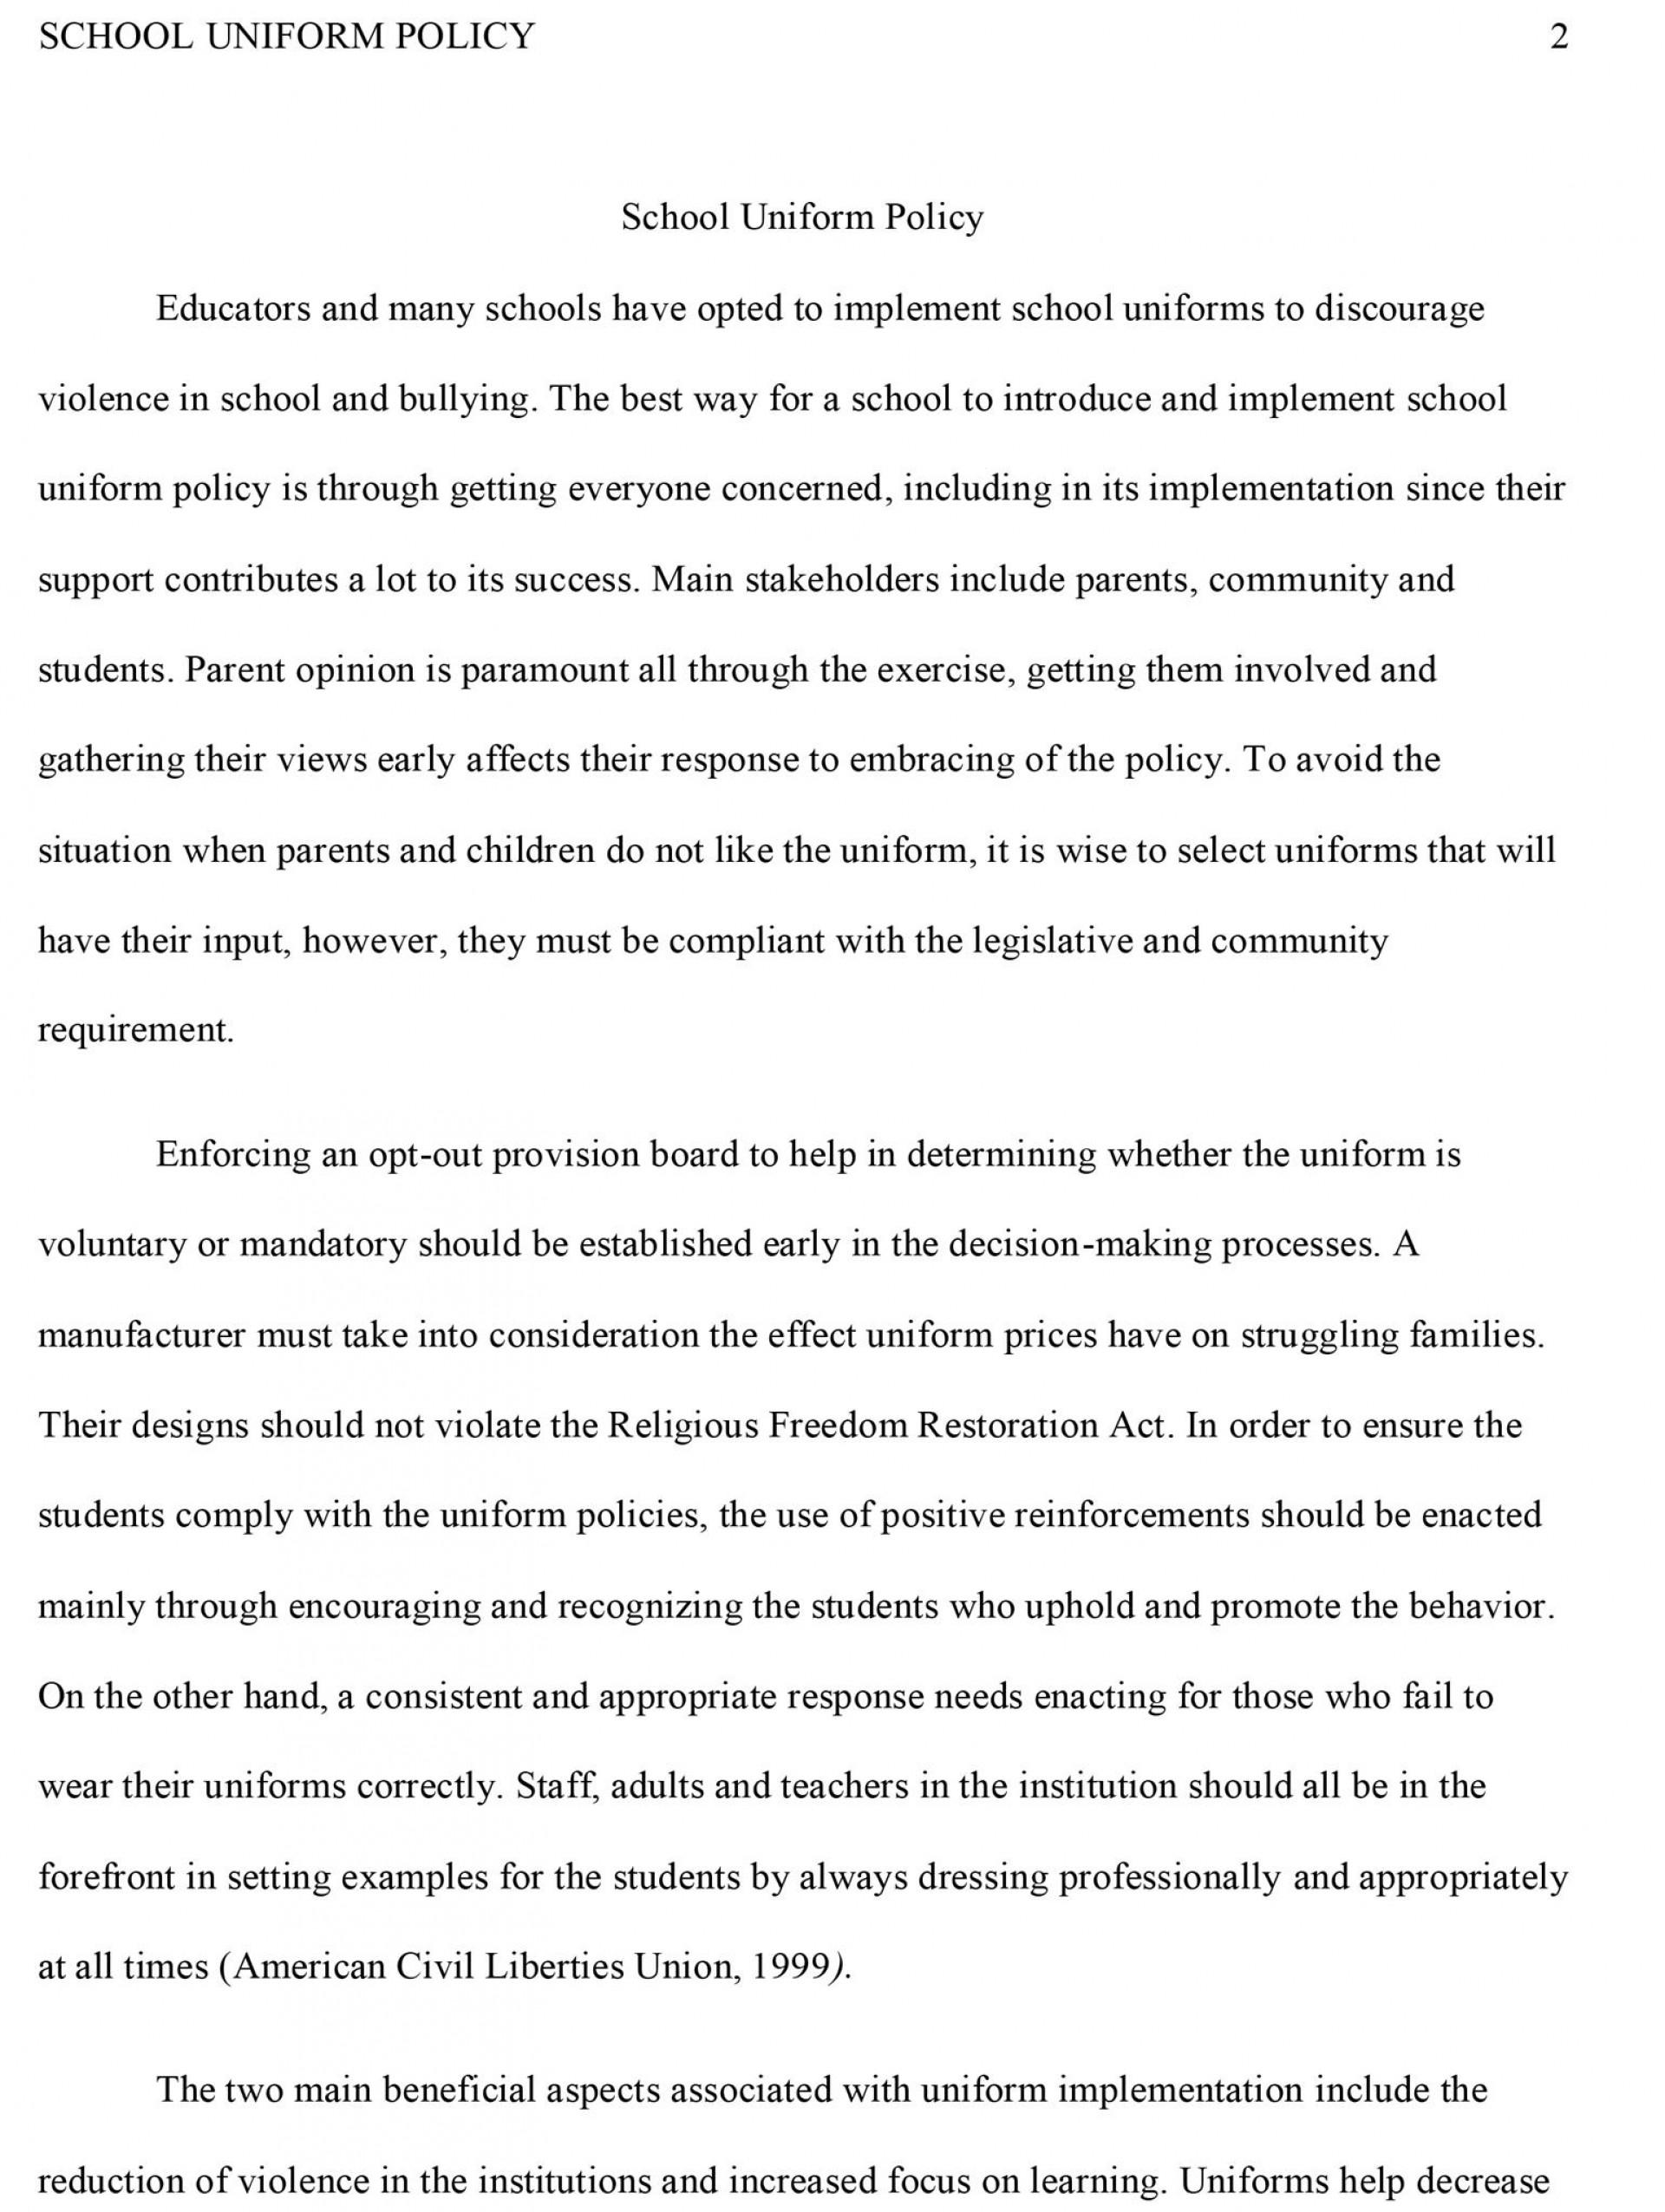 001 School Sample Uniform Essay Sensational Is Compulsory In Hindi Conclusion 1920